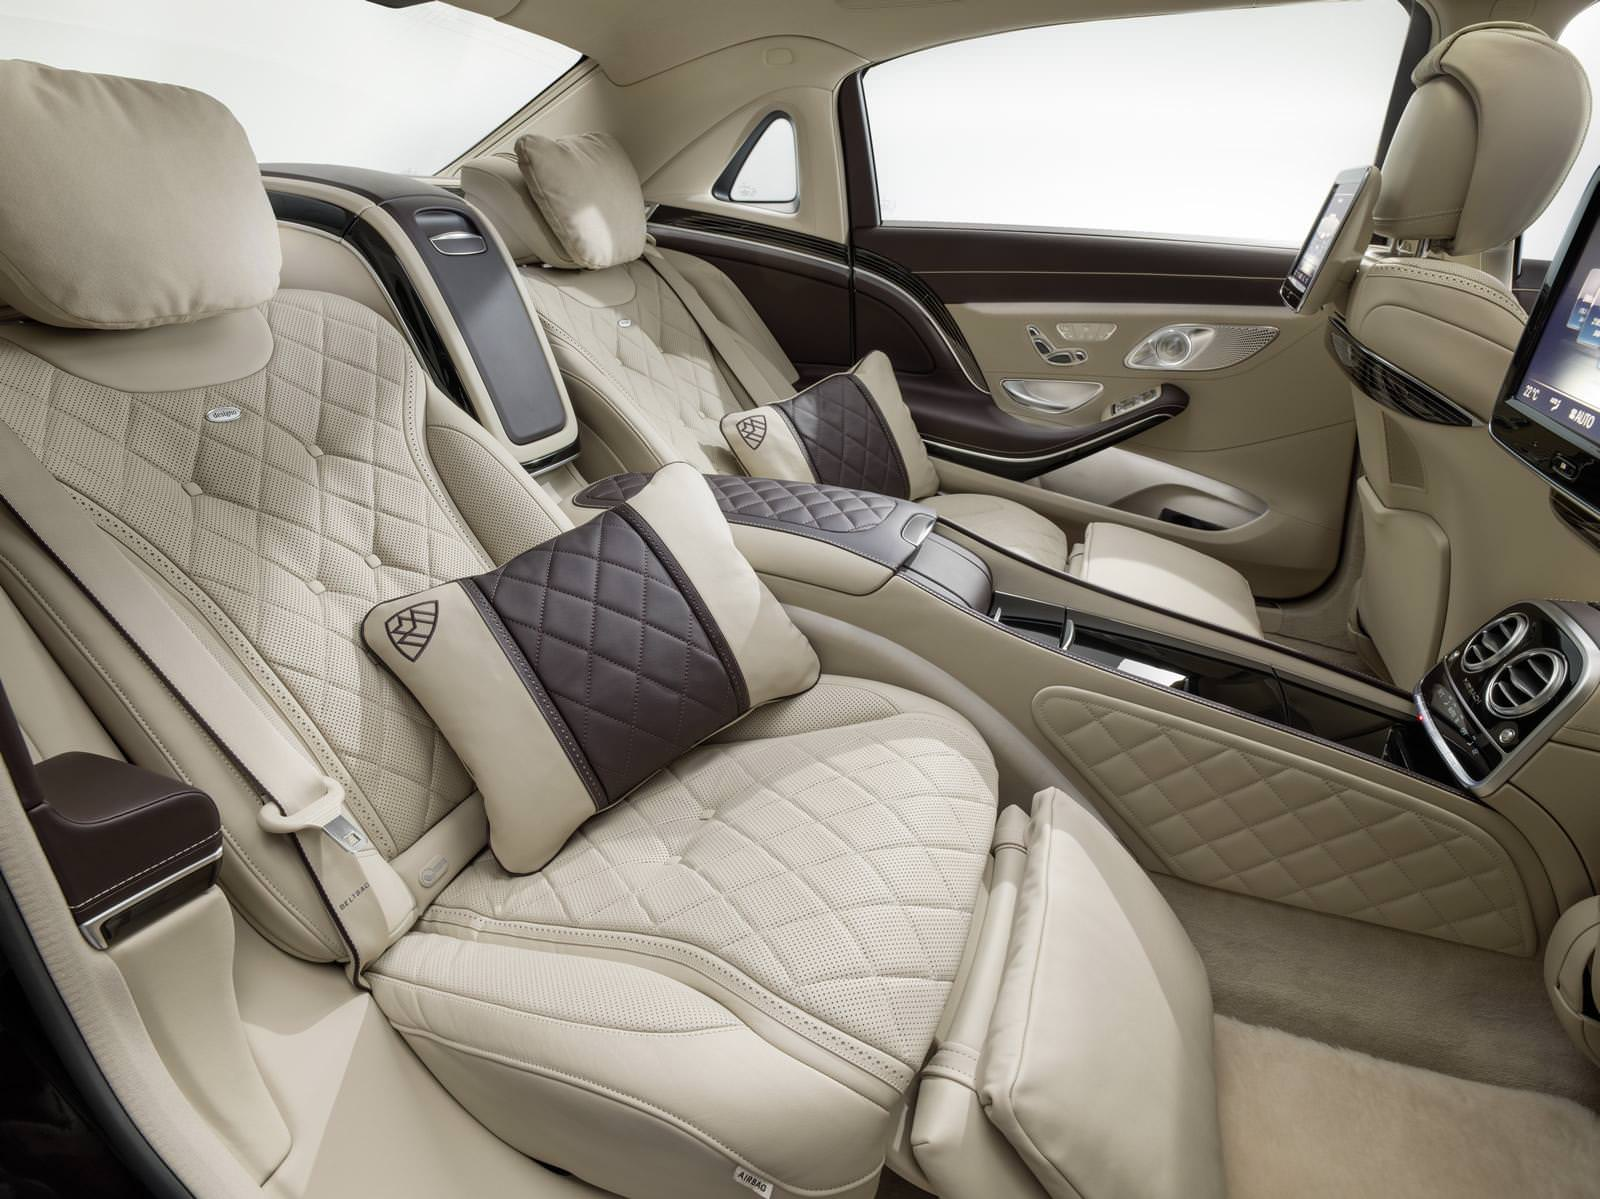 أما سعر مرسيدس مايباخ اس 600، التي ظهرت للمرة الأولى في العالم في معرض لوس أنجلوس للسيارات الشهر الماضي، سيبدأ من 234 ألف دولار أمريكي (878,330 ريال سعودي).